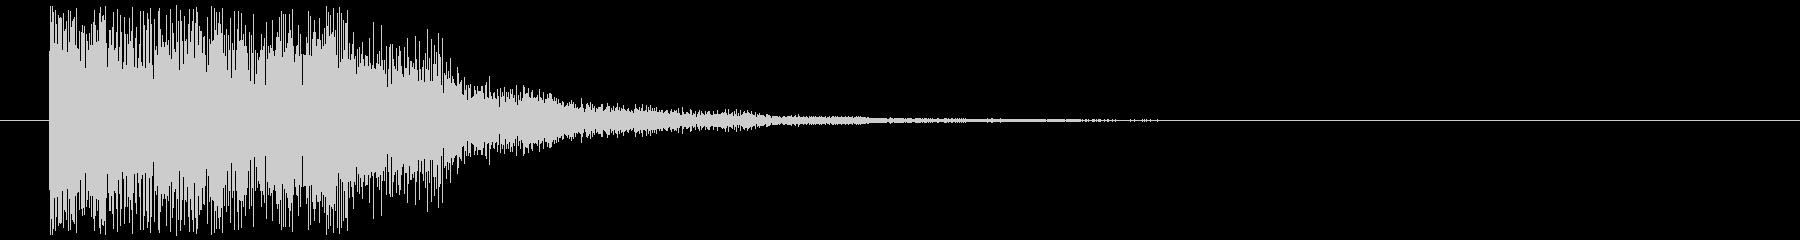 【セレクト音】明るい,キランボタン音の未再生の波形